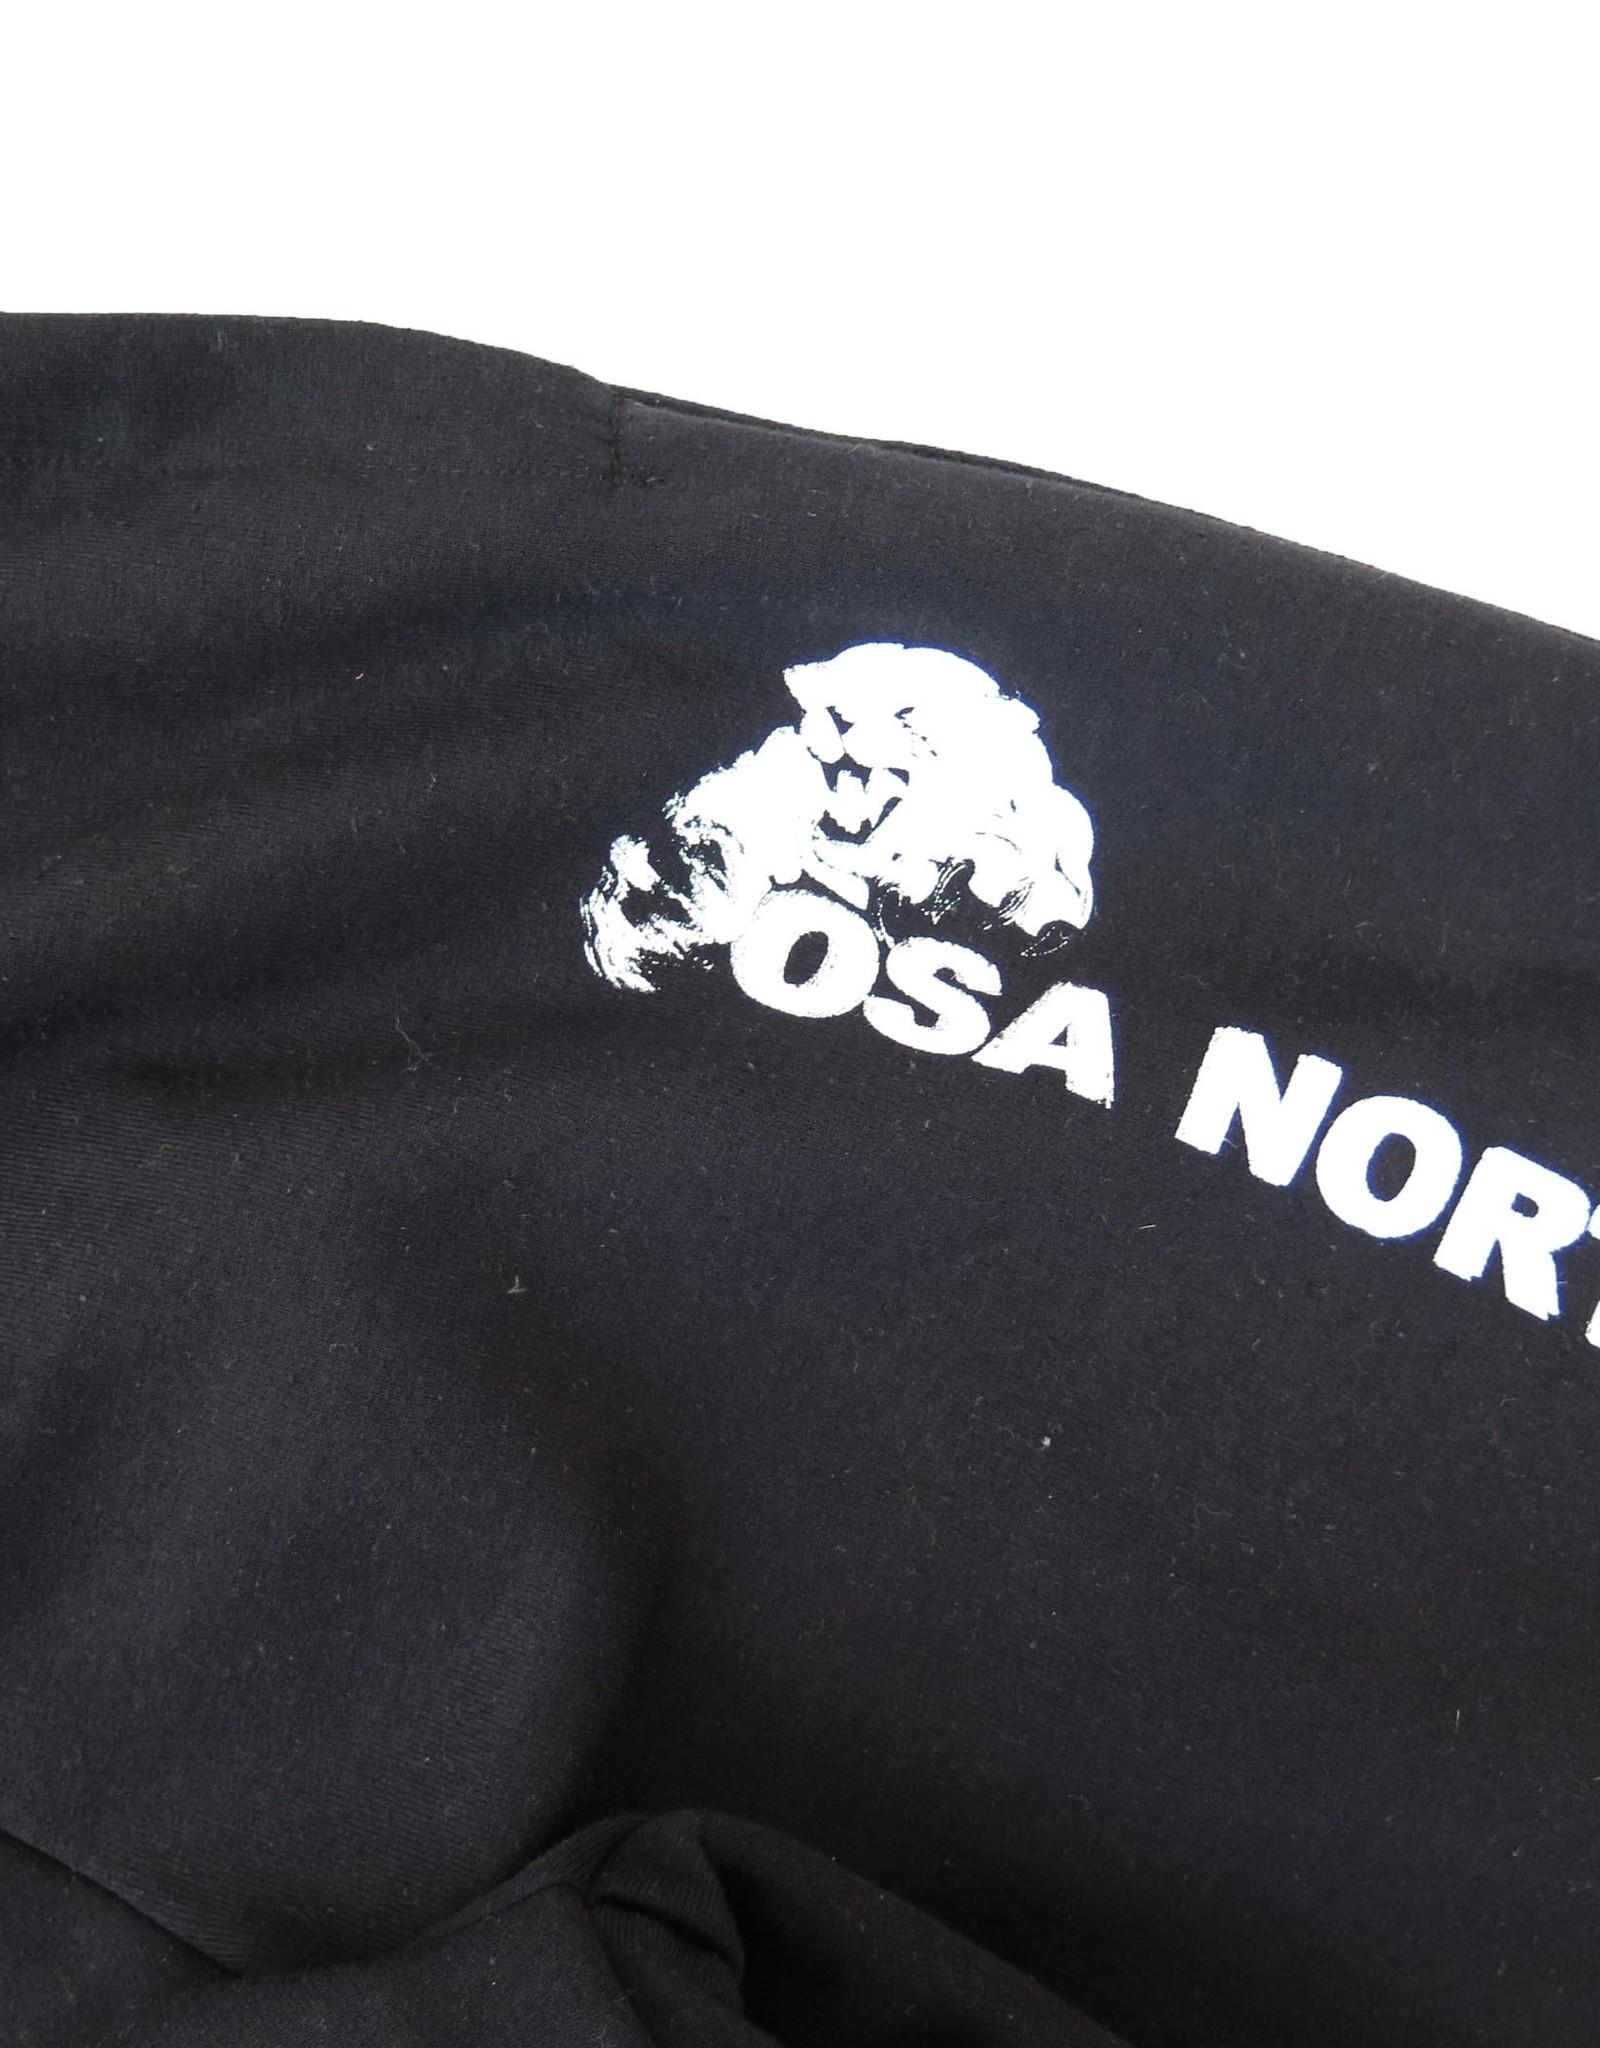 """Osa North """"Osa North"""" Sweatpants by Osa North"""